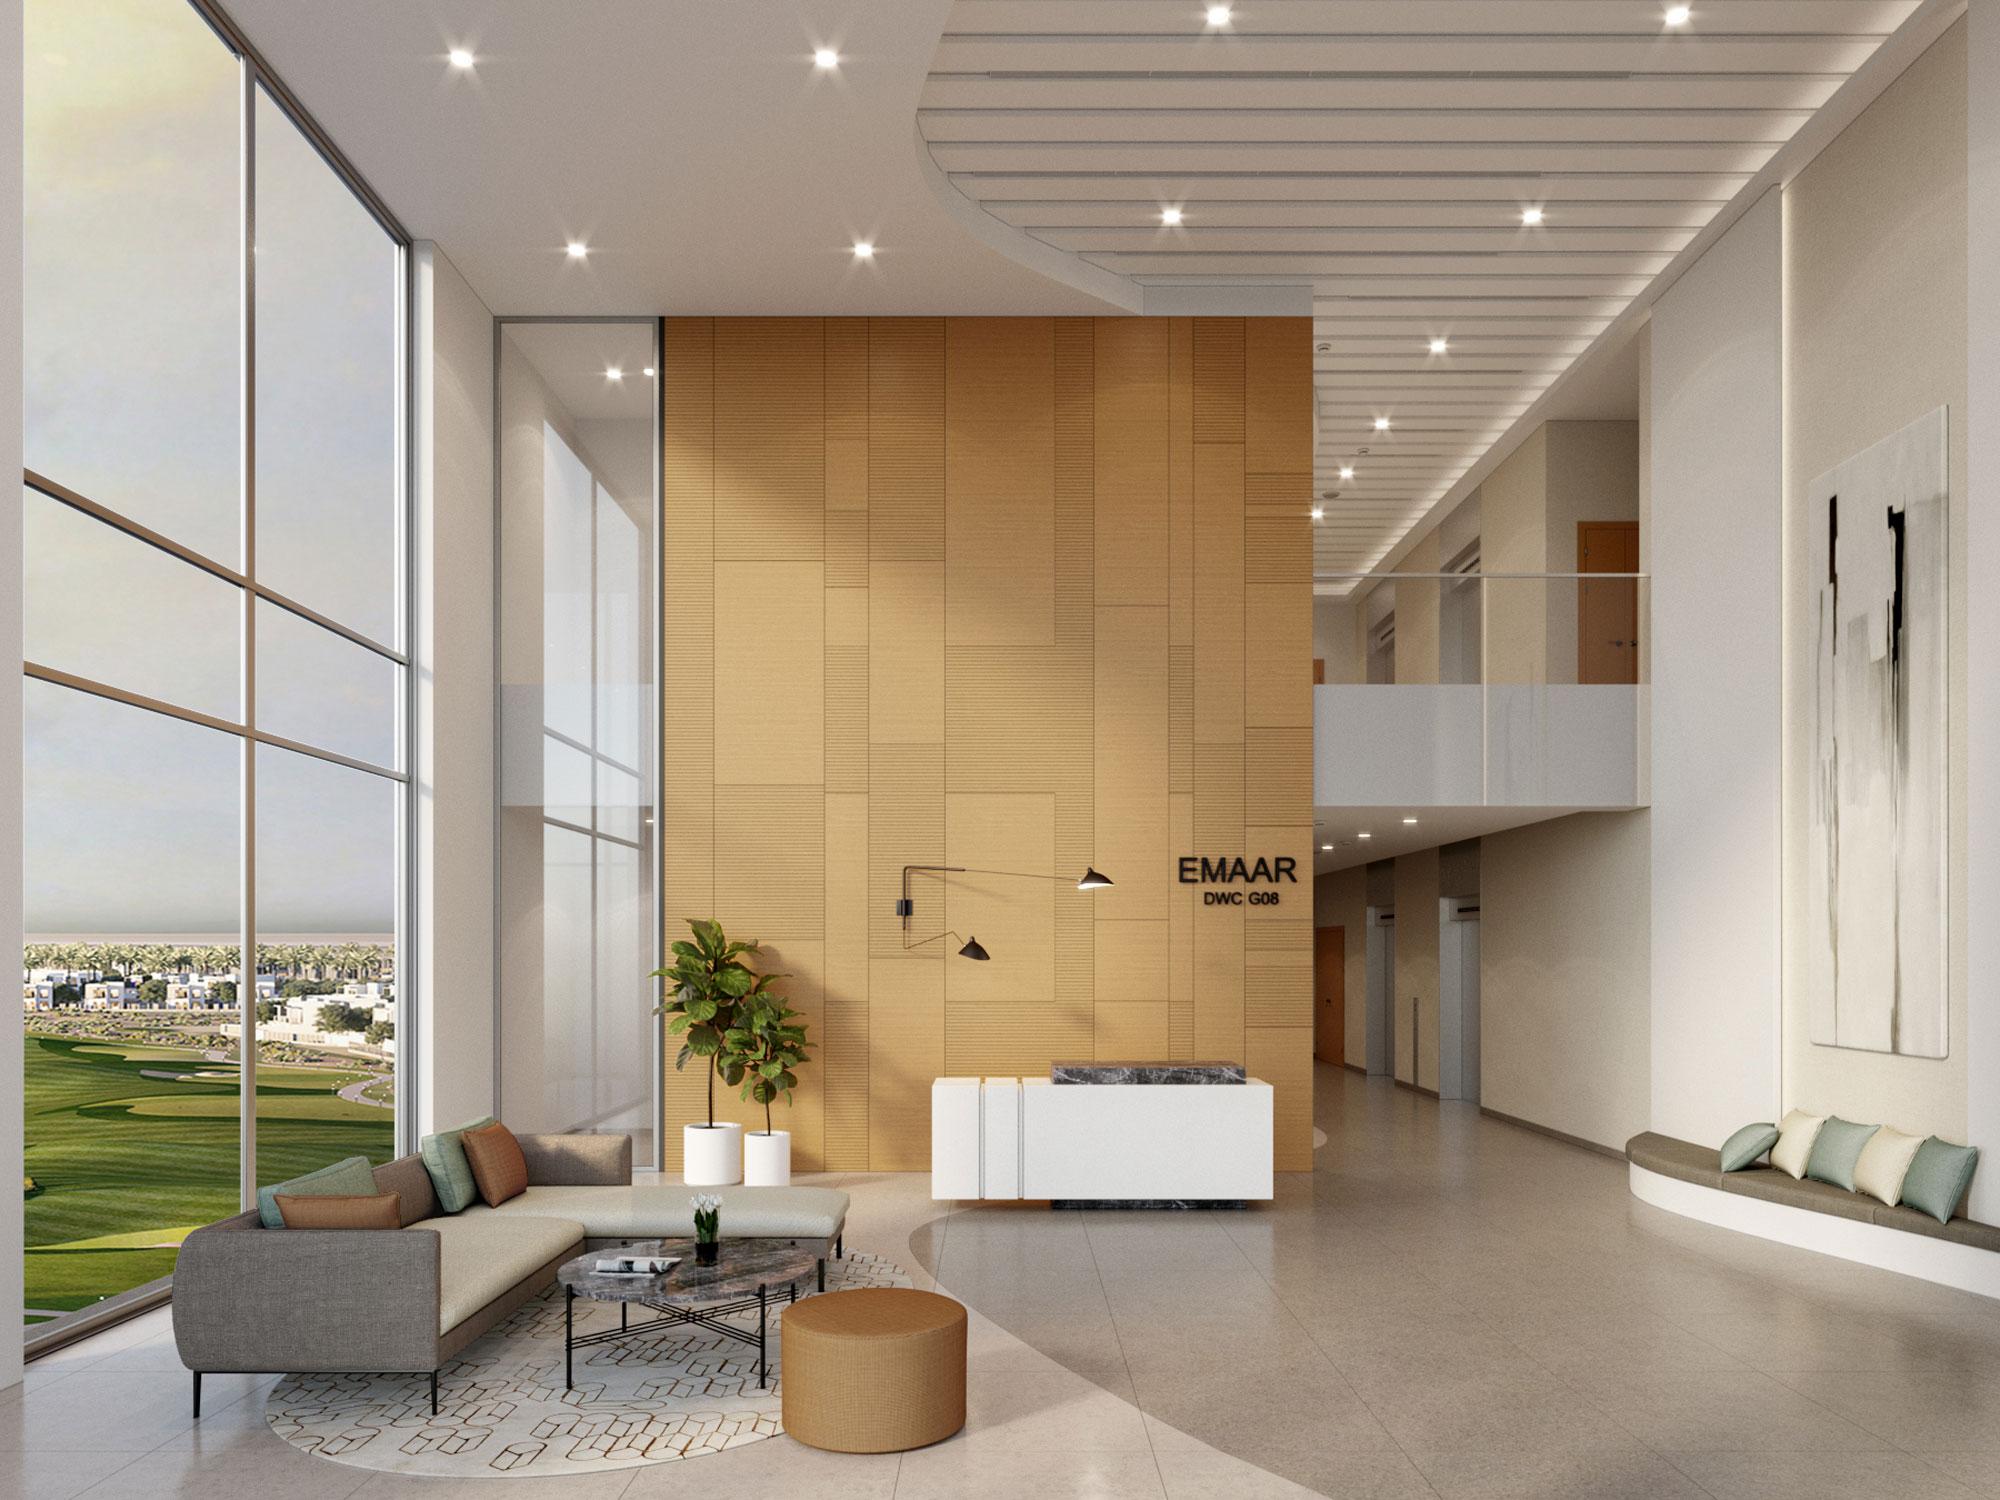 DWC-Lobby-View01